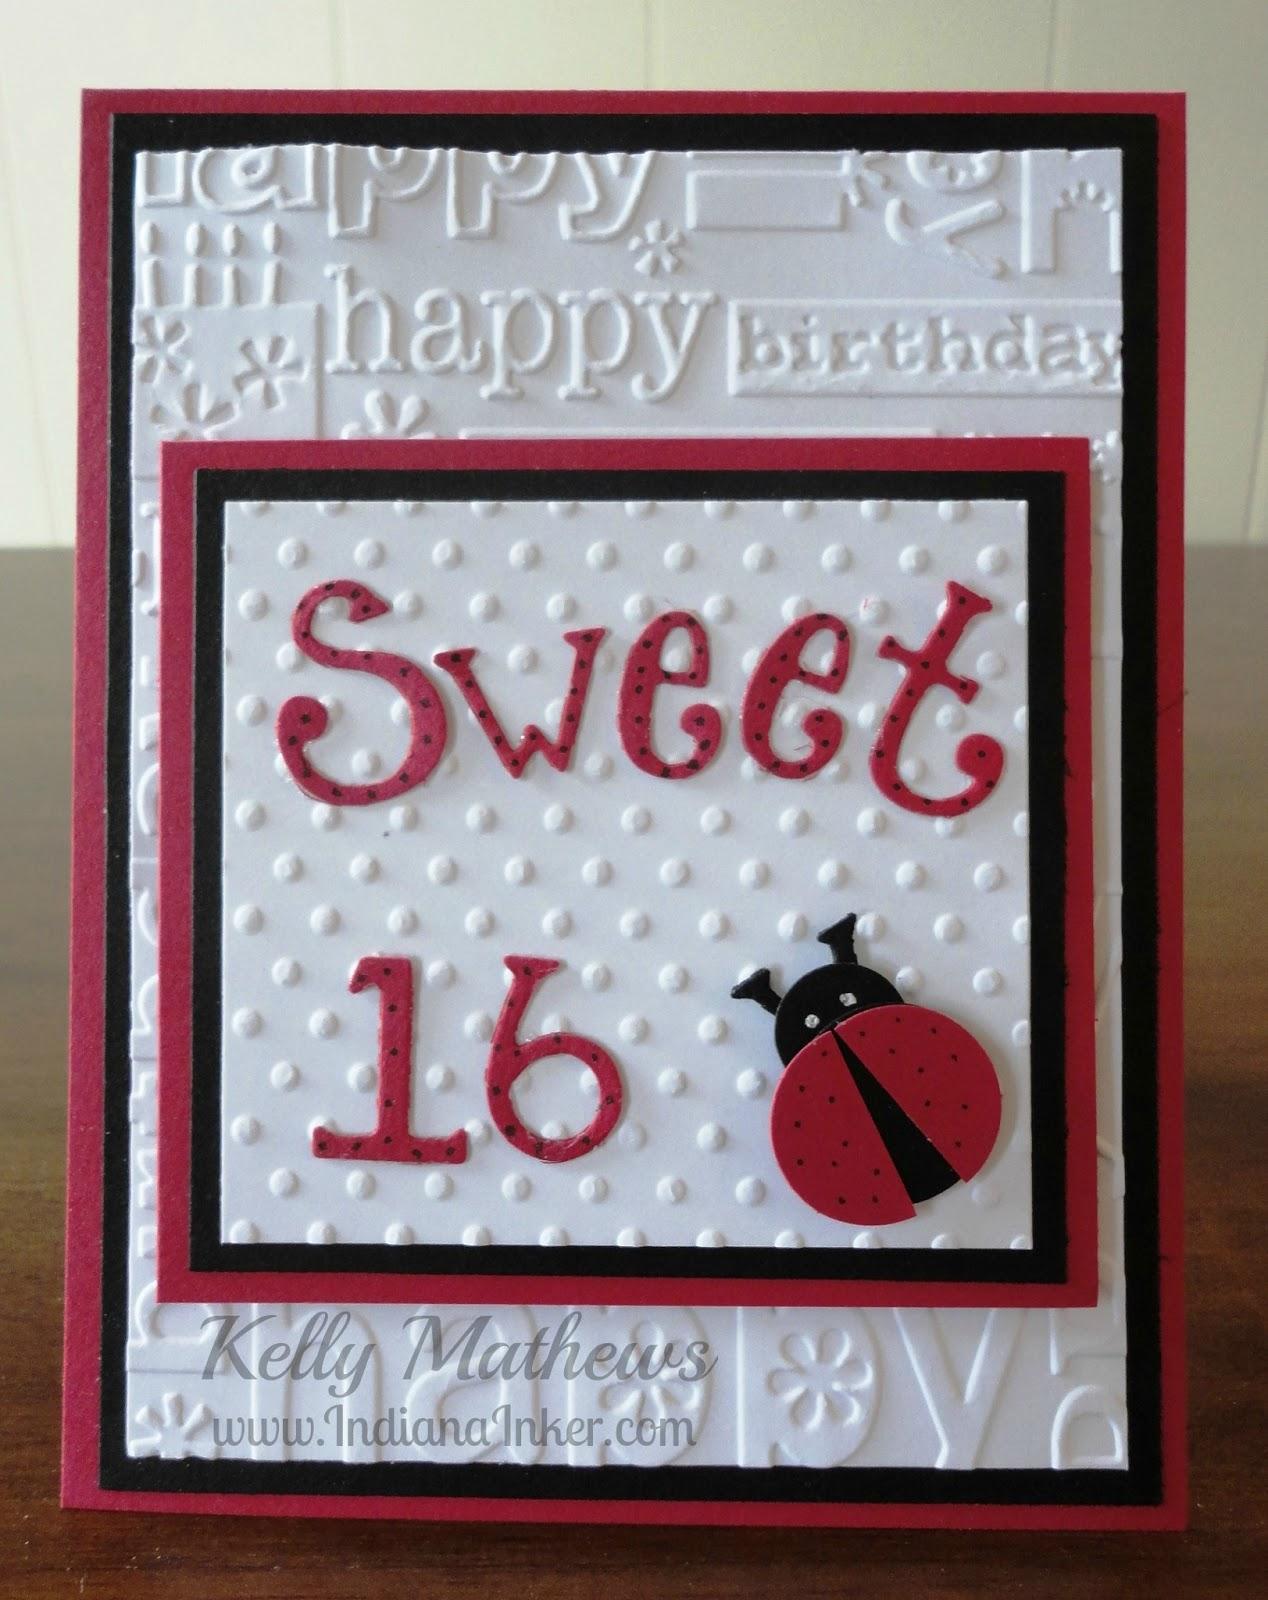 Indiana Inker Sweet 16 Ladybug Birthday Card – Ladybug Birthday Cards